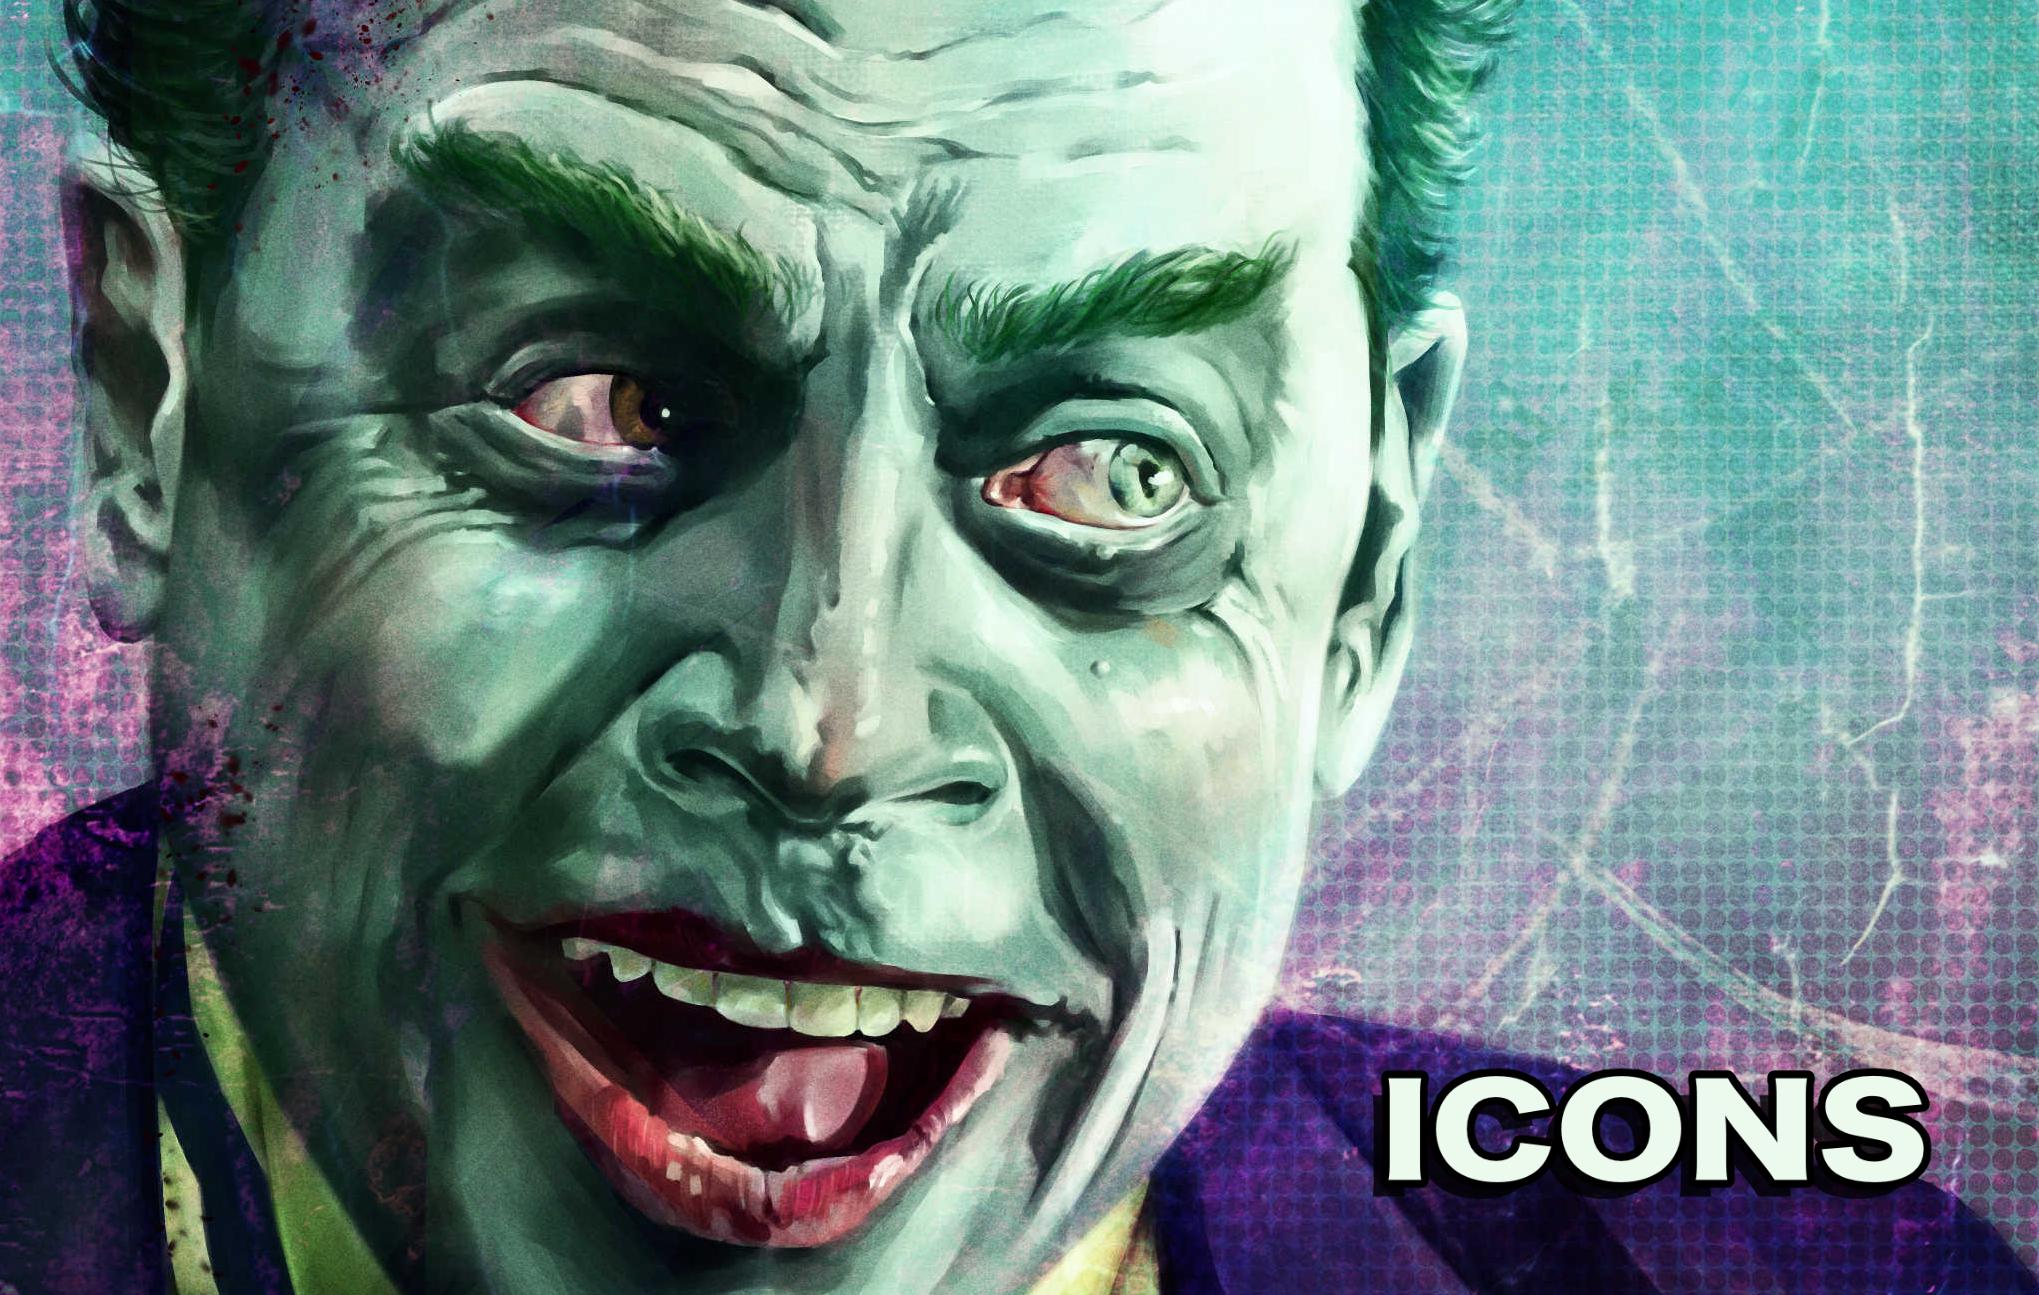 Joker Mark Hamill Low-Res ICONS 2.jpg